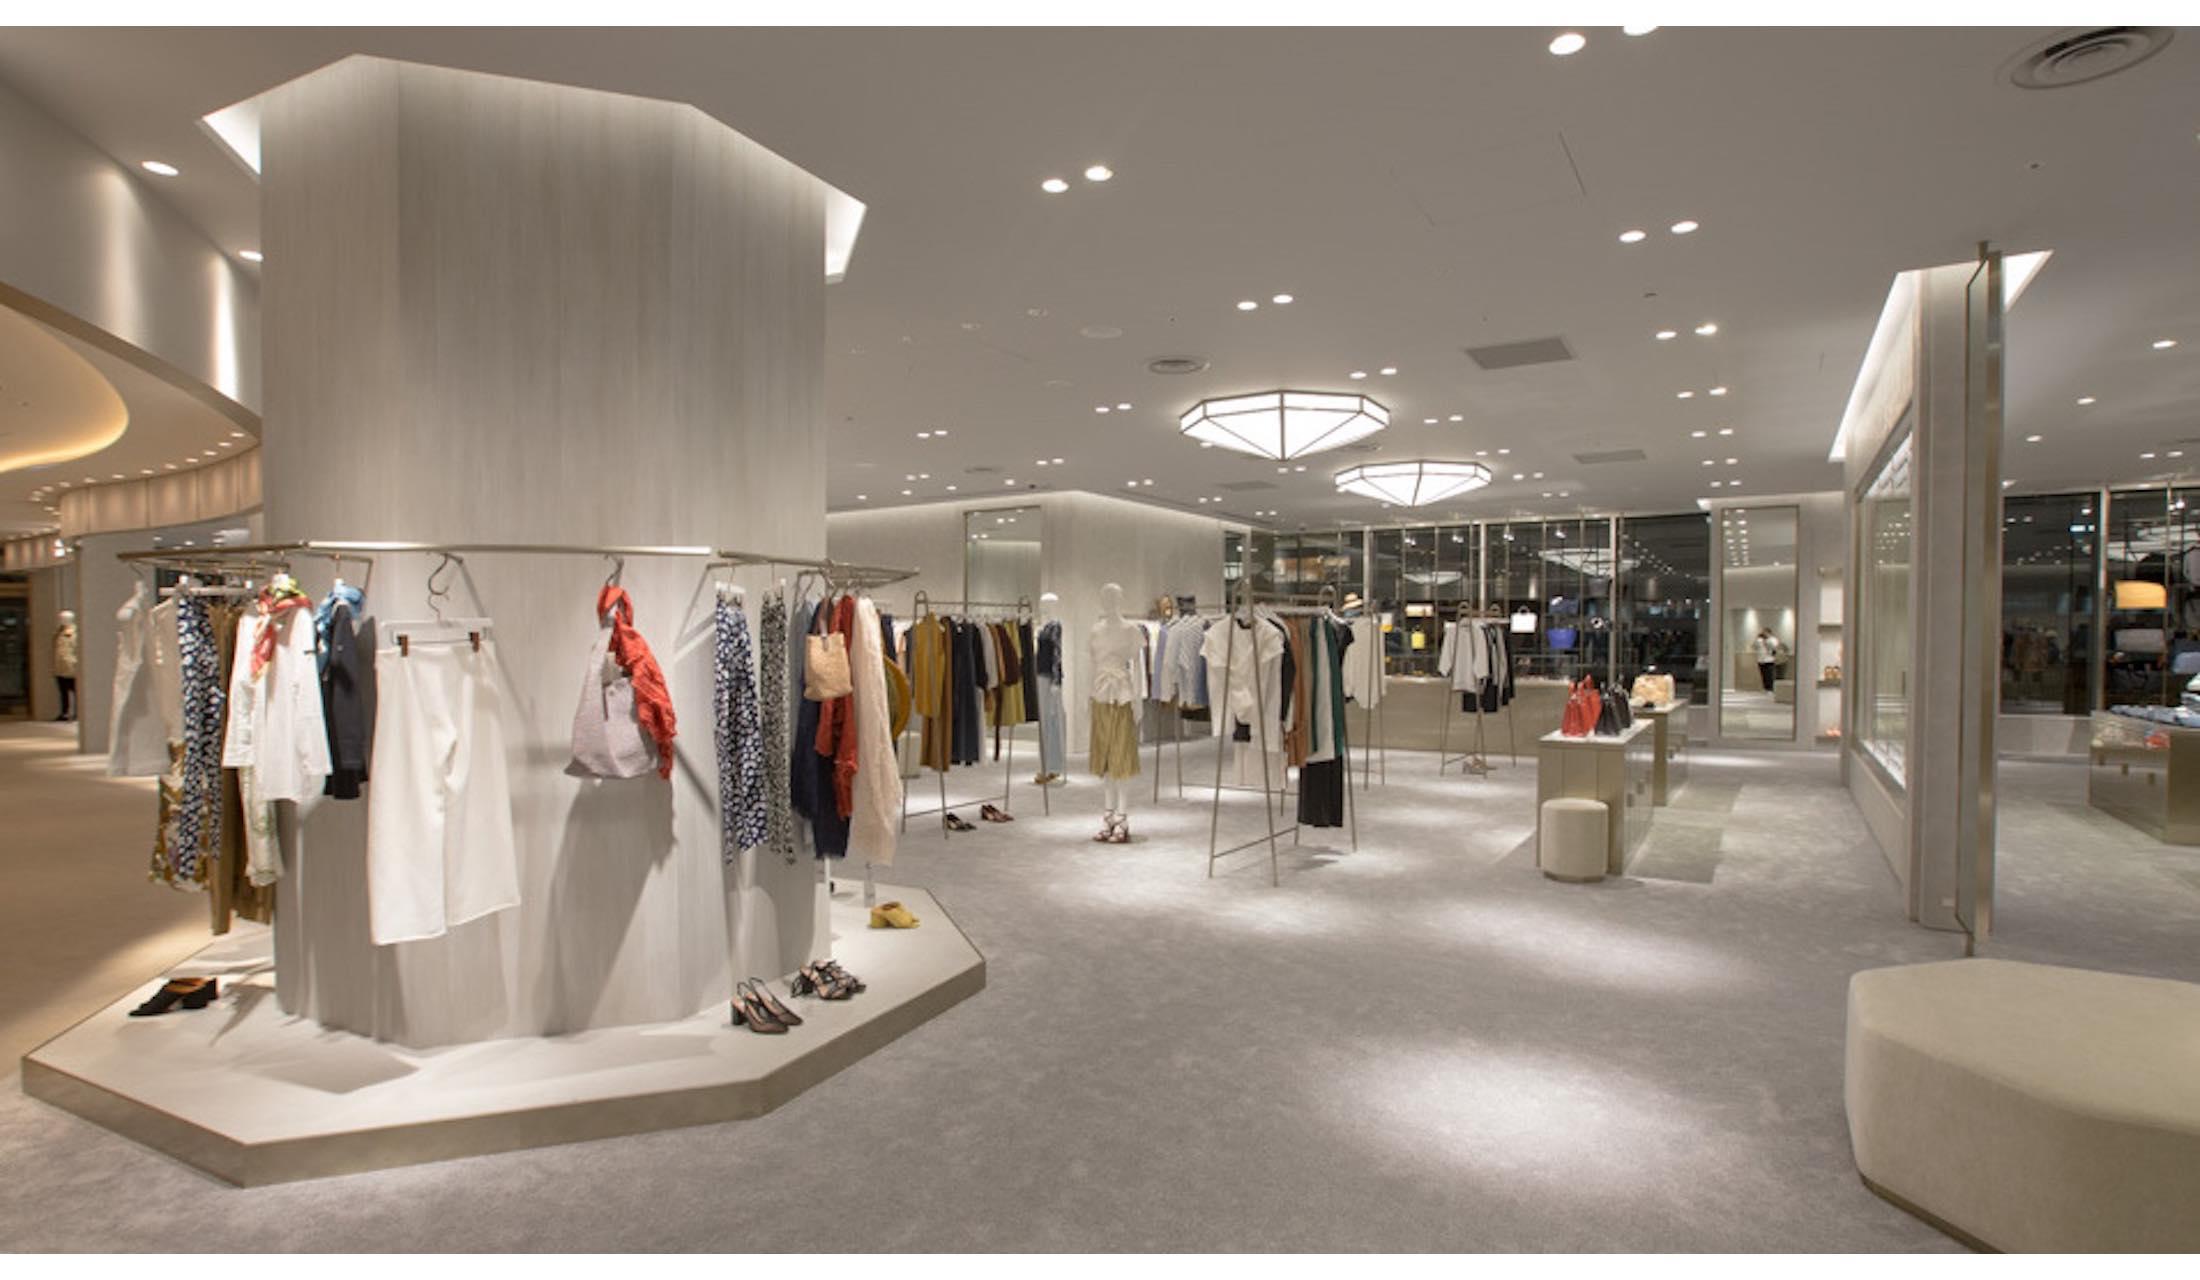 東京ミッドタウン日比谷内に属するタトラスの旗艦店とストラダ エストの複合店舗の内観写真